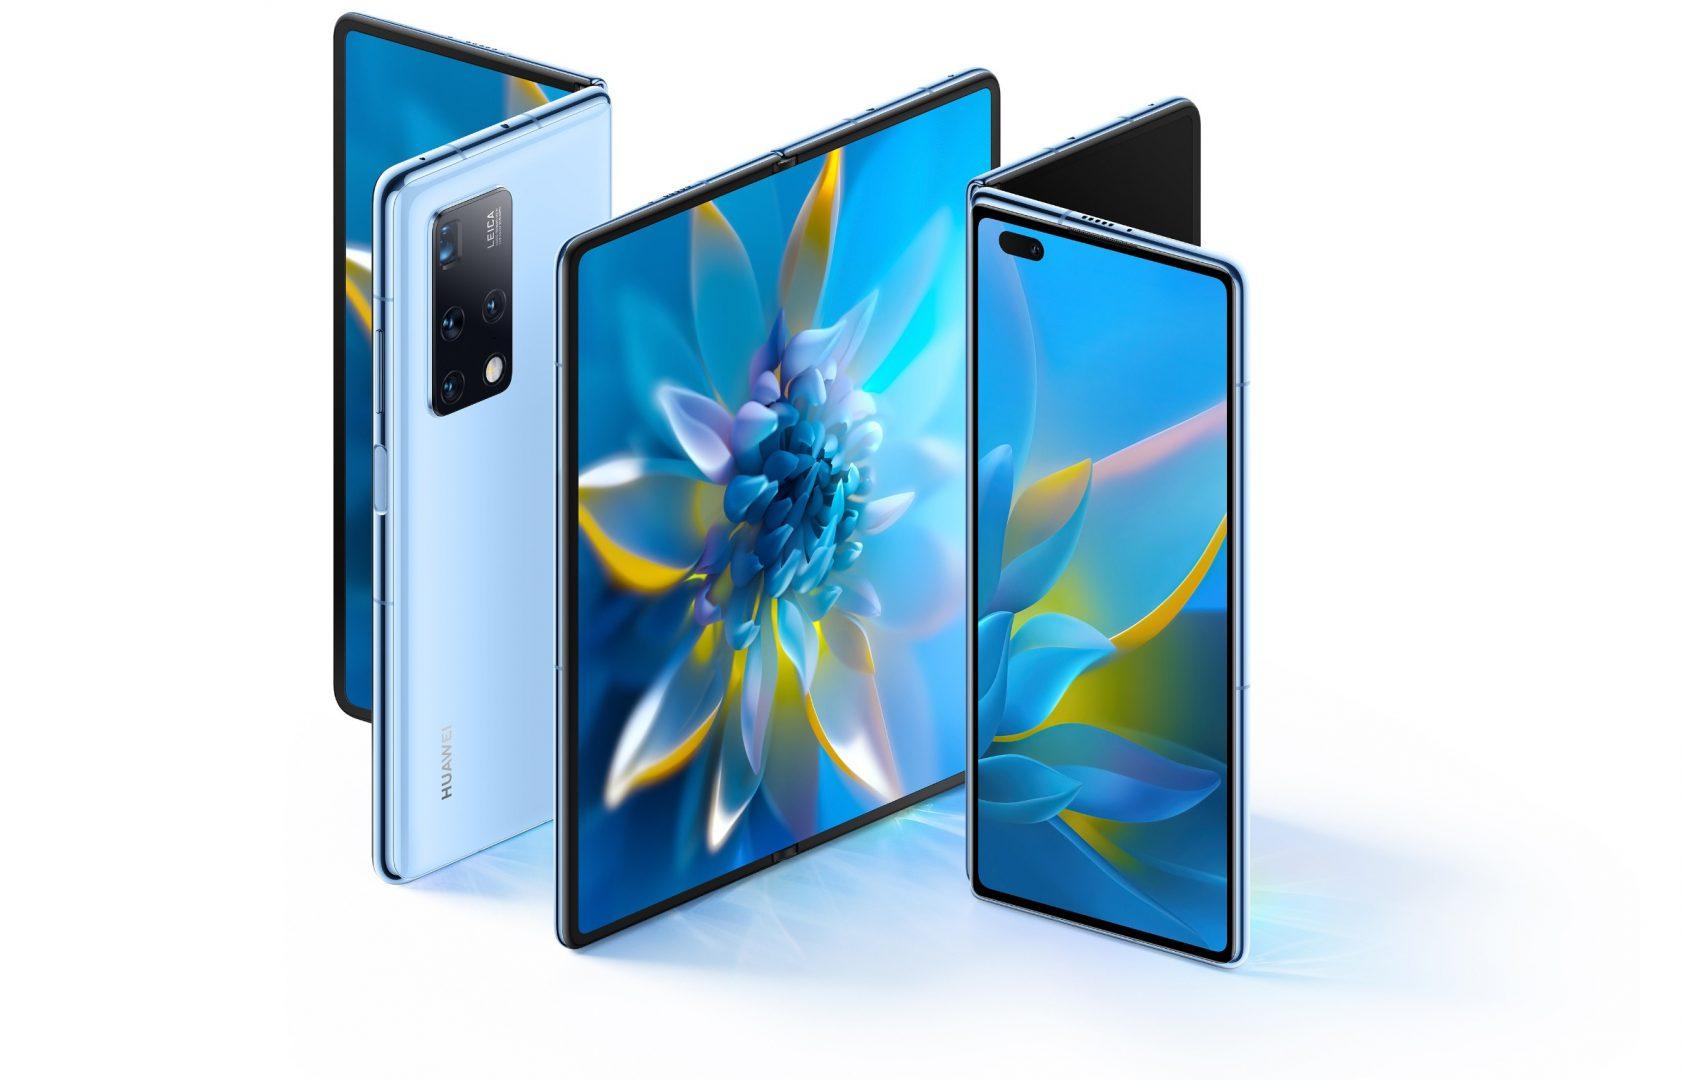 Honor lucrează la un telefon pliabil: Magic Fold, programat pentru lansare în 2022